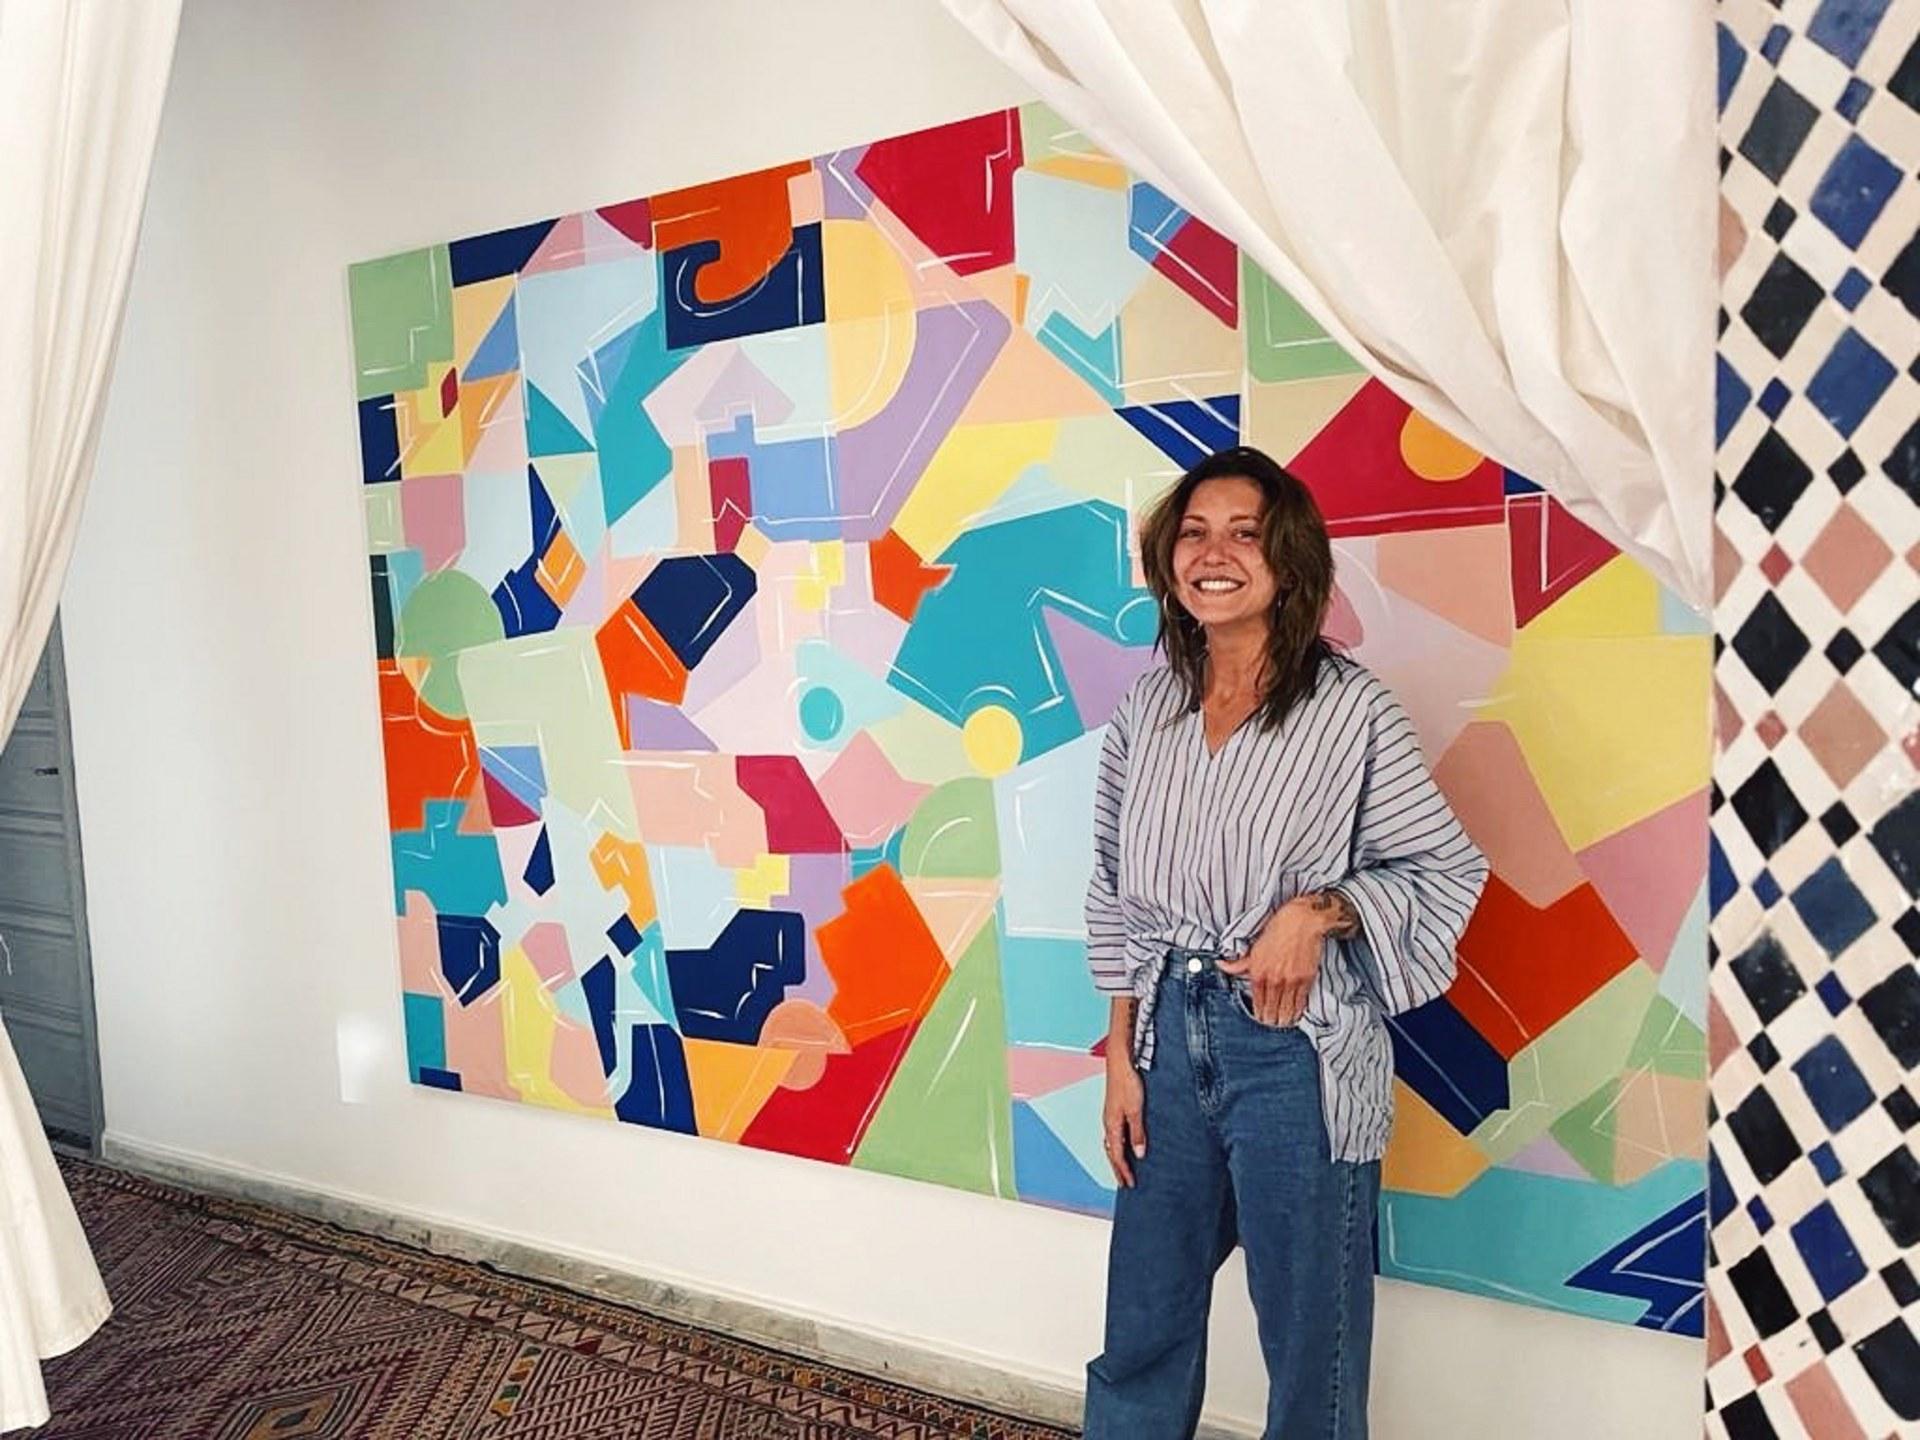 Mila Morelli